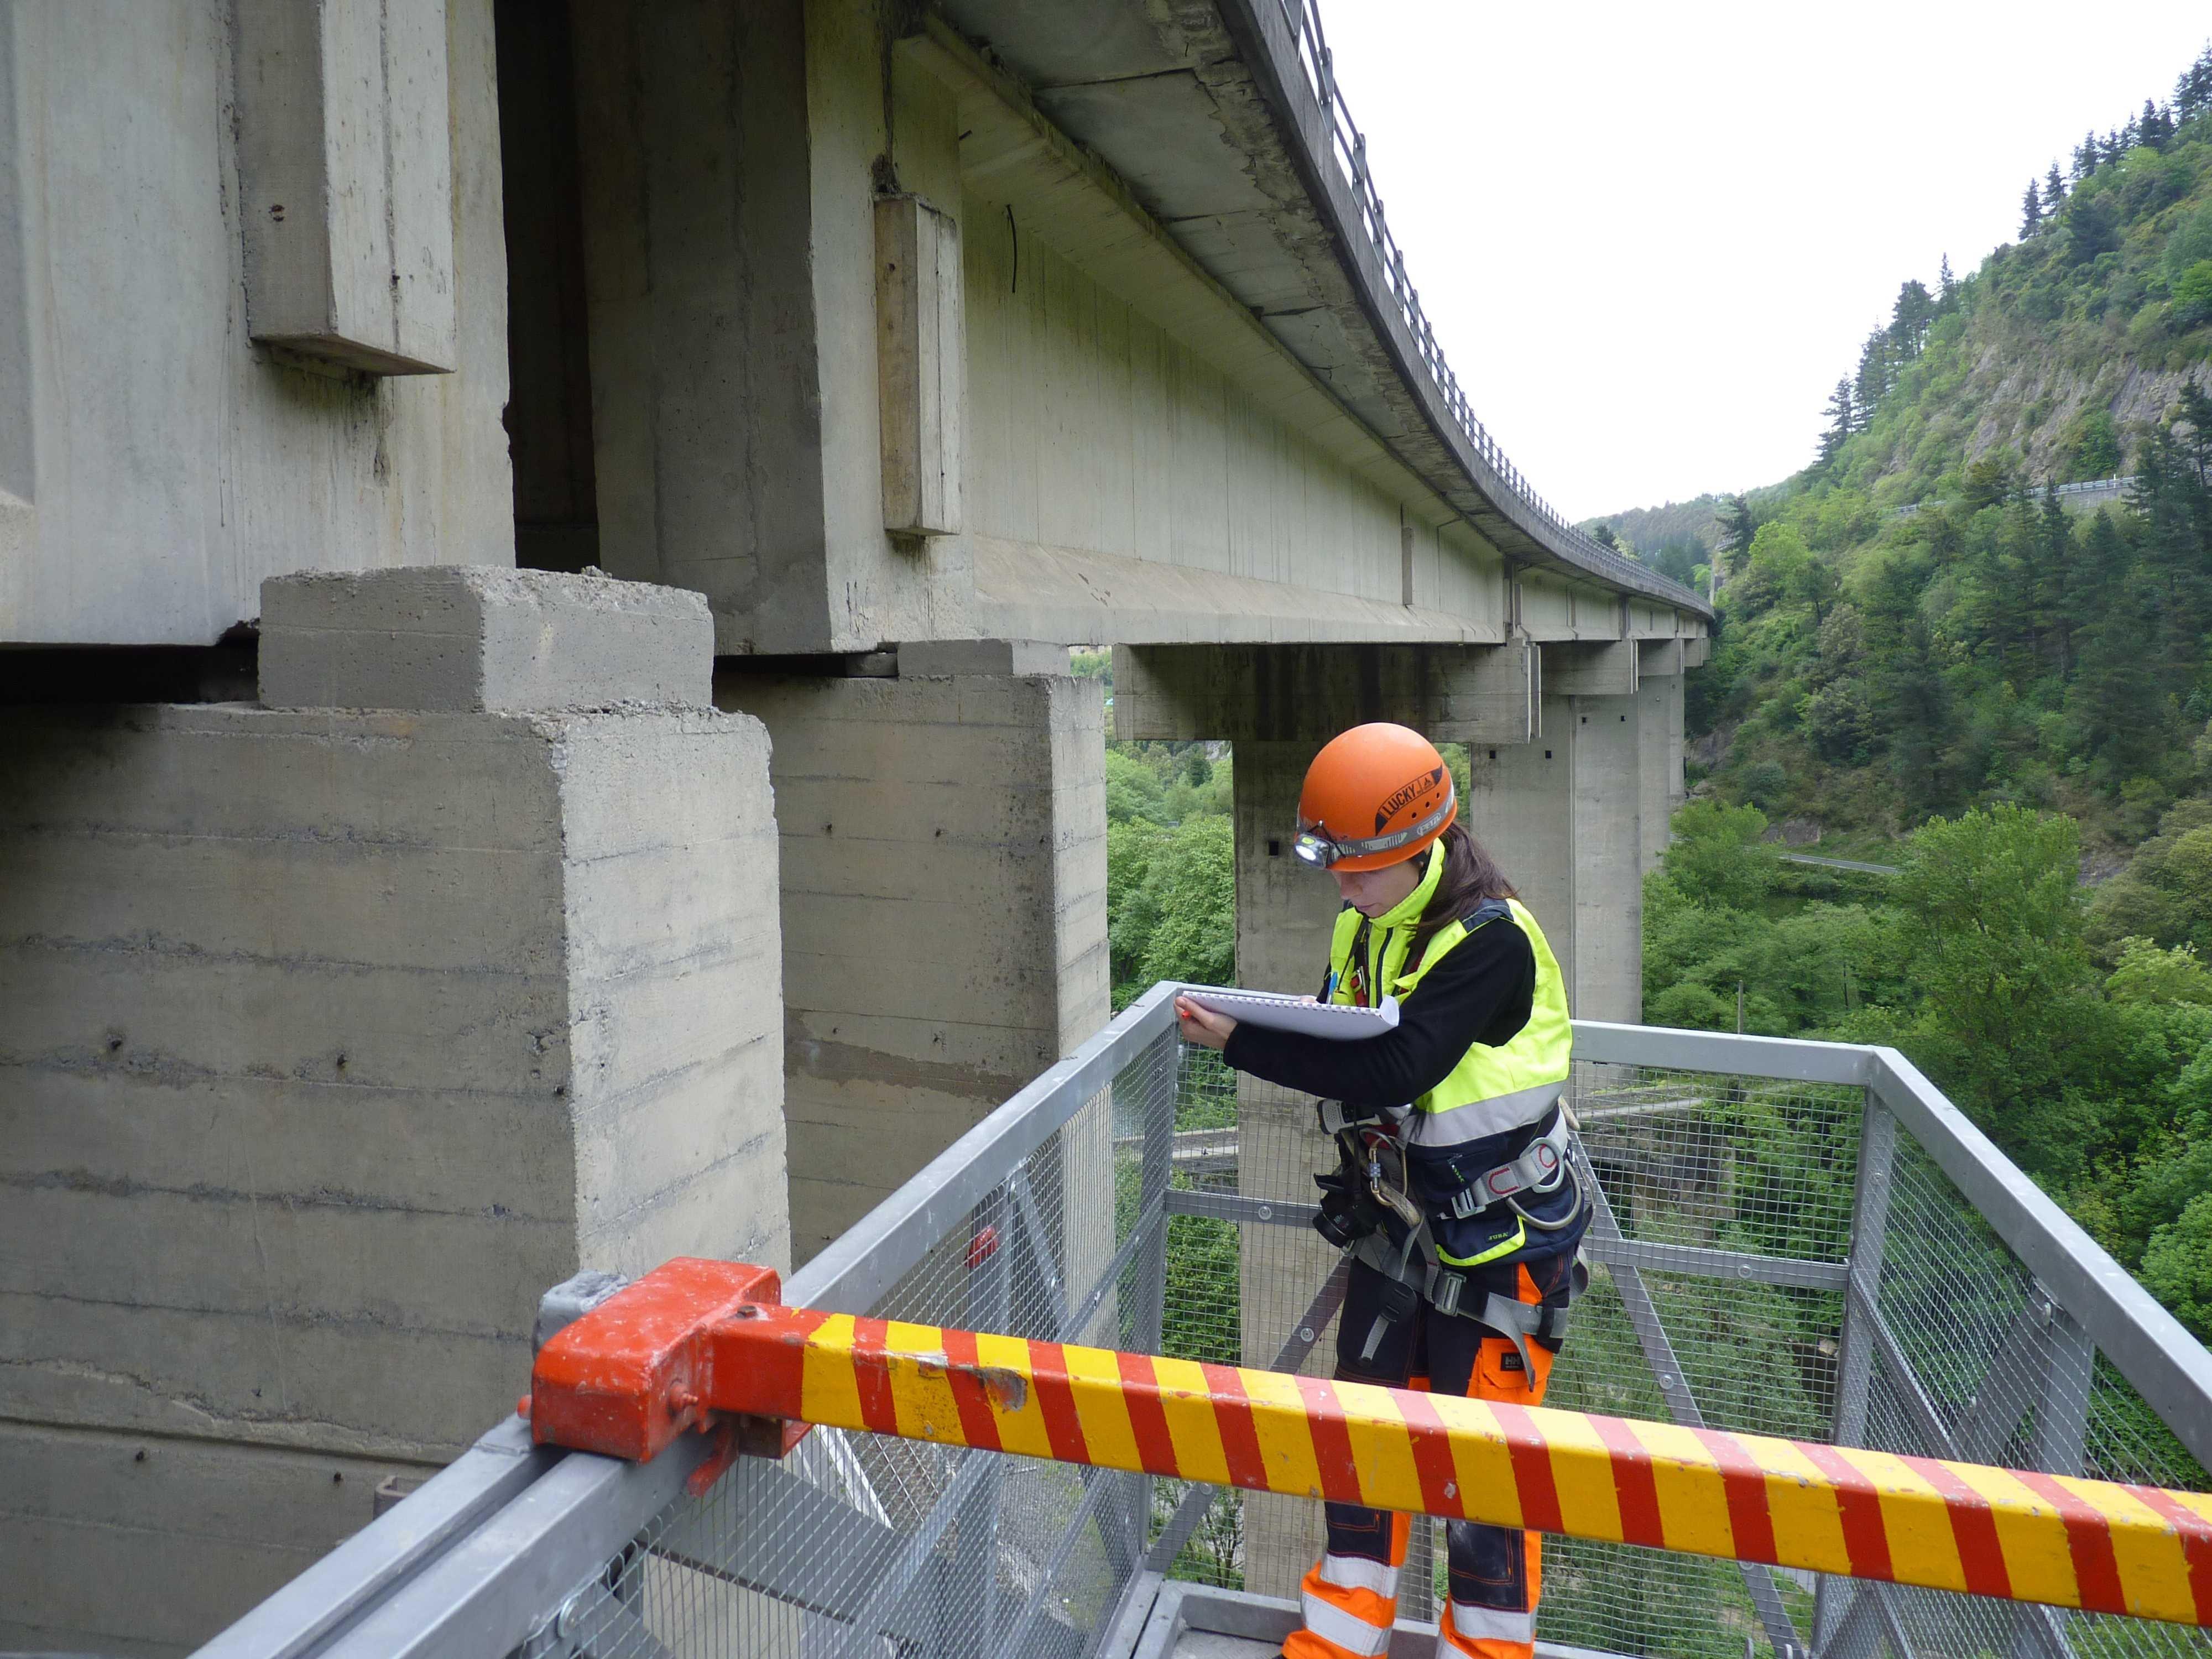 Aplicacion del BIM a la inspección estructural de puentes